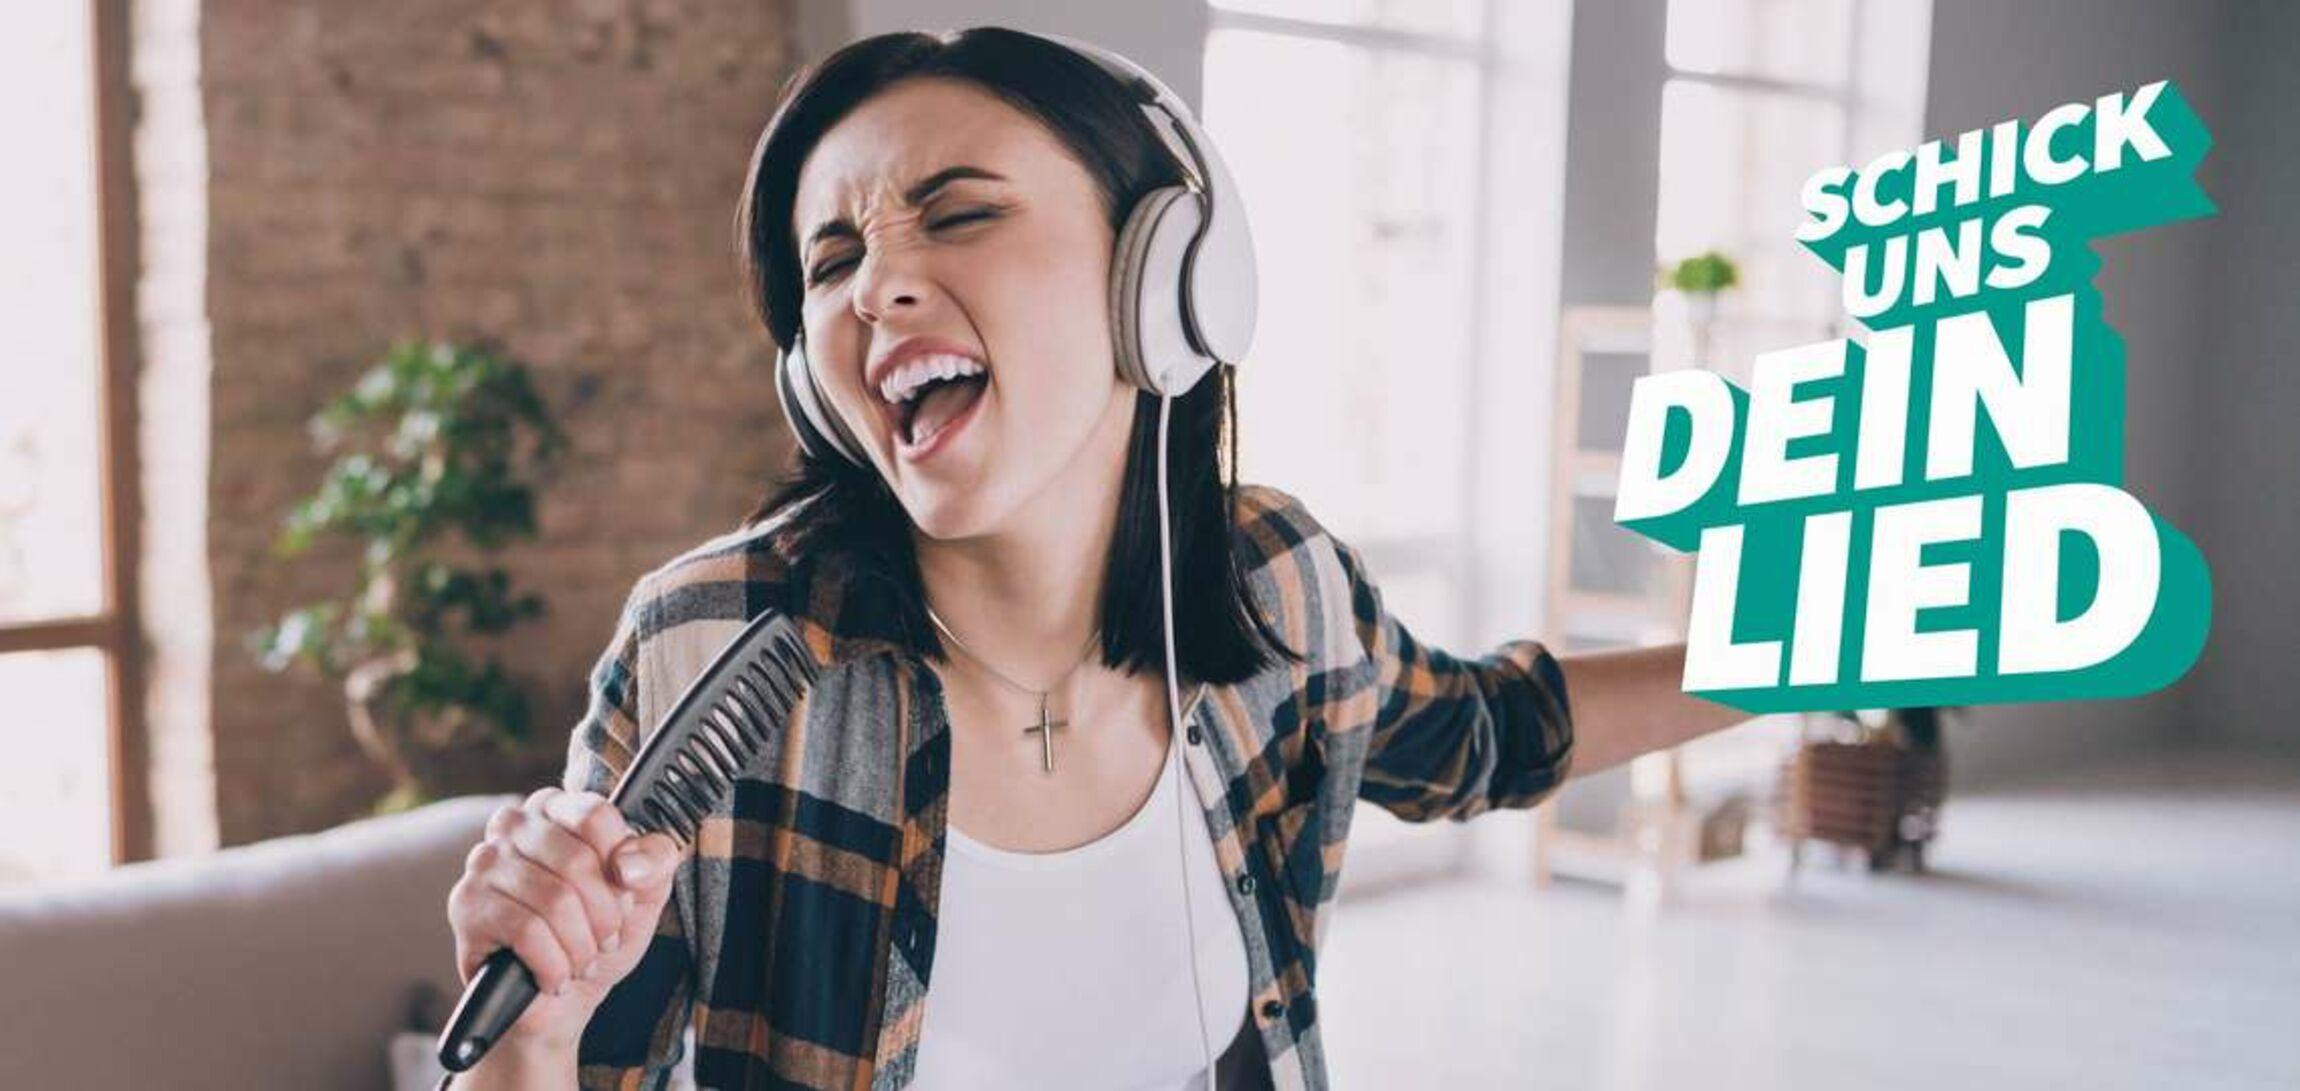 Schick uns Dein Lied